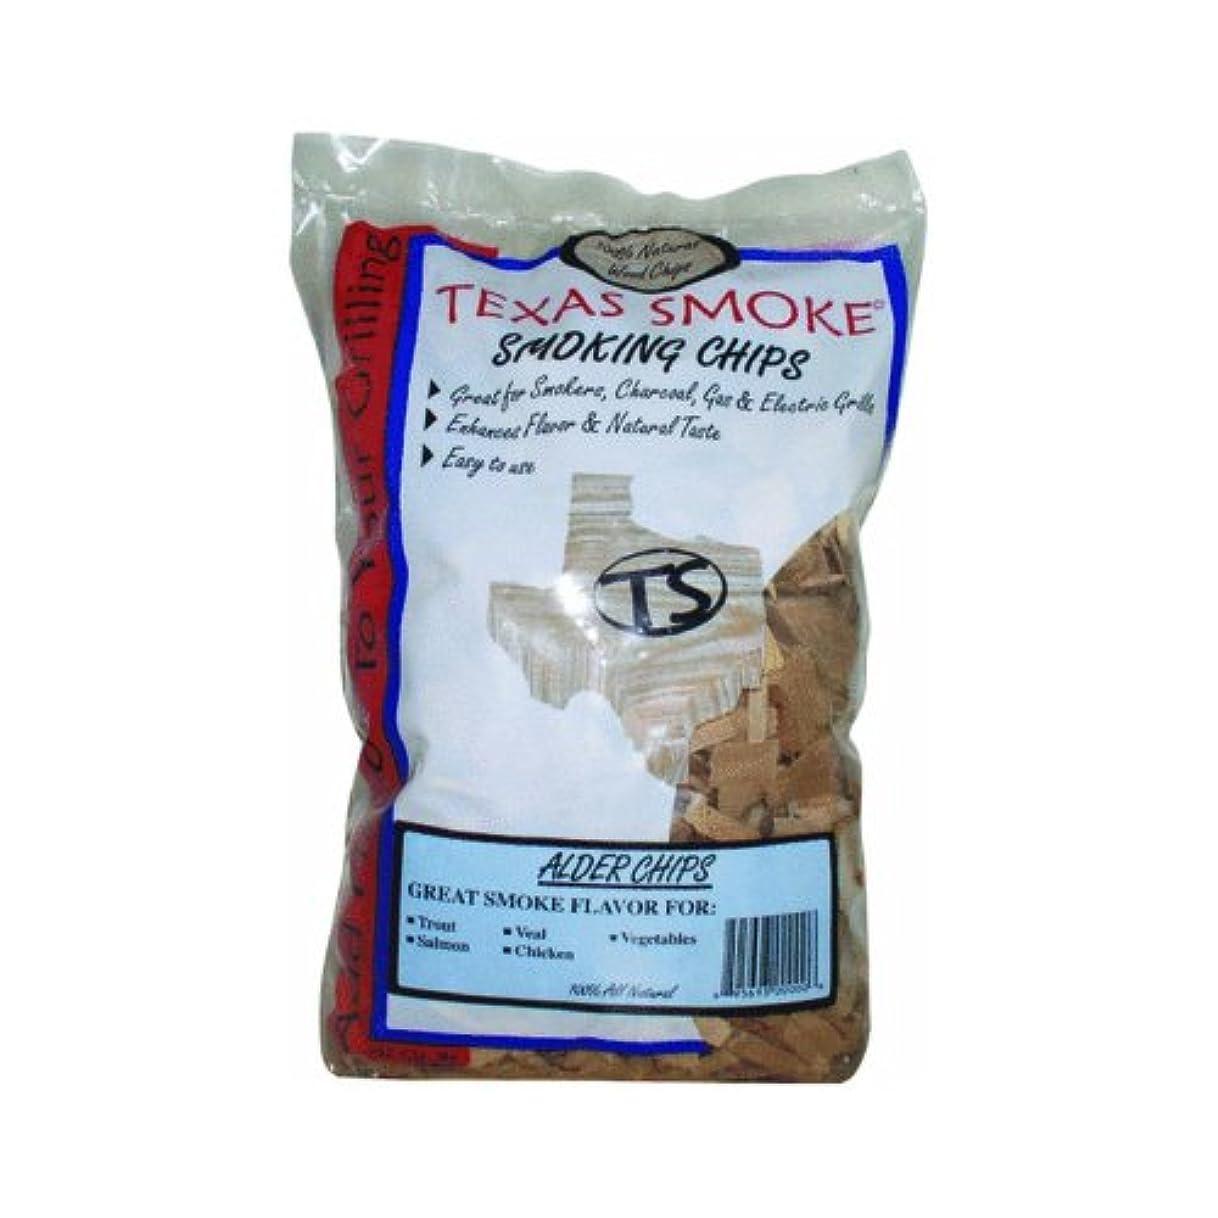 吸収オゾン分析Barbeque Wood Flavors90305Wood Chips-2.25LB ALDER WOOD CHIPS (並行輸入品)